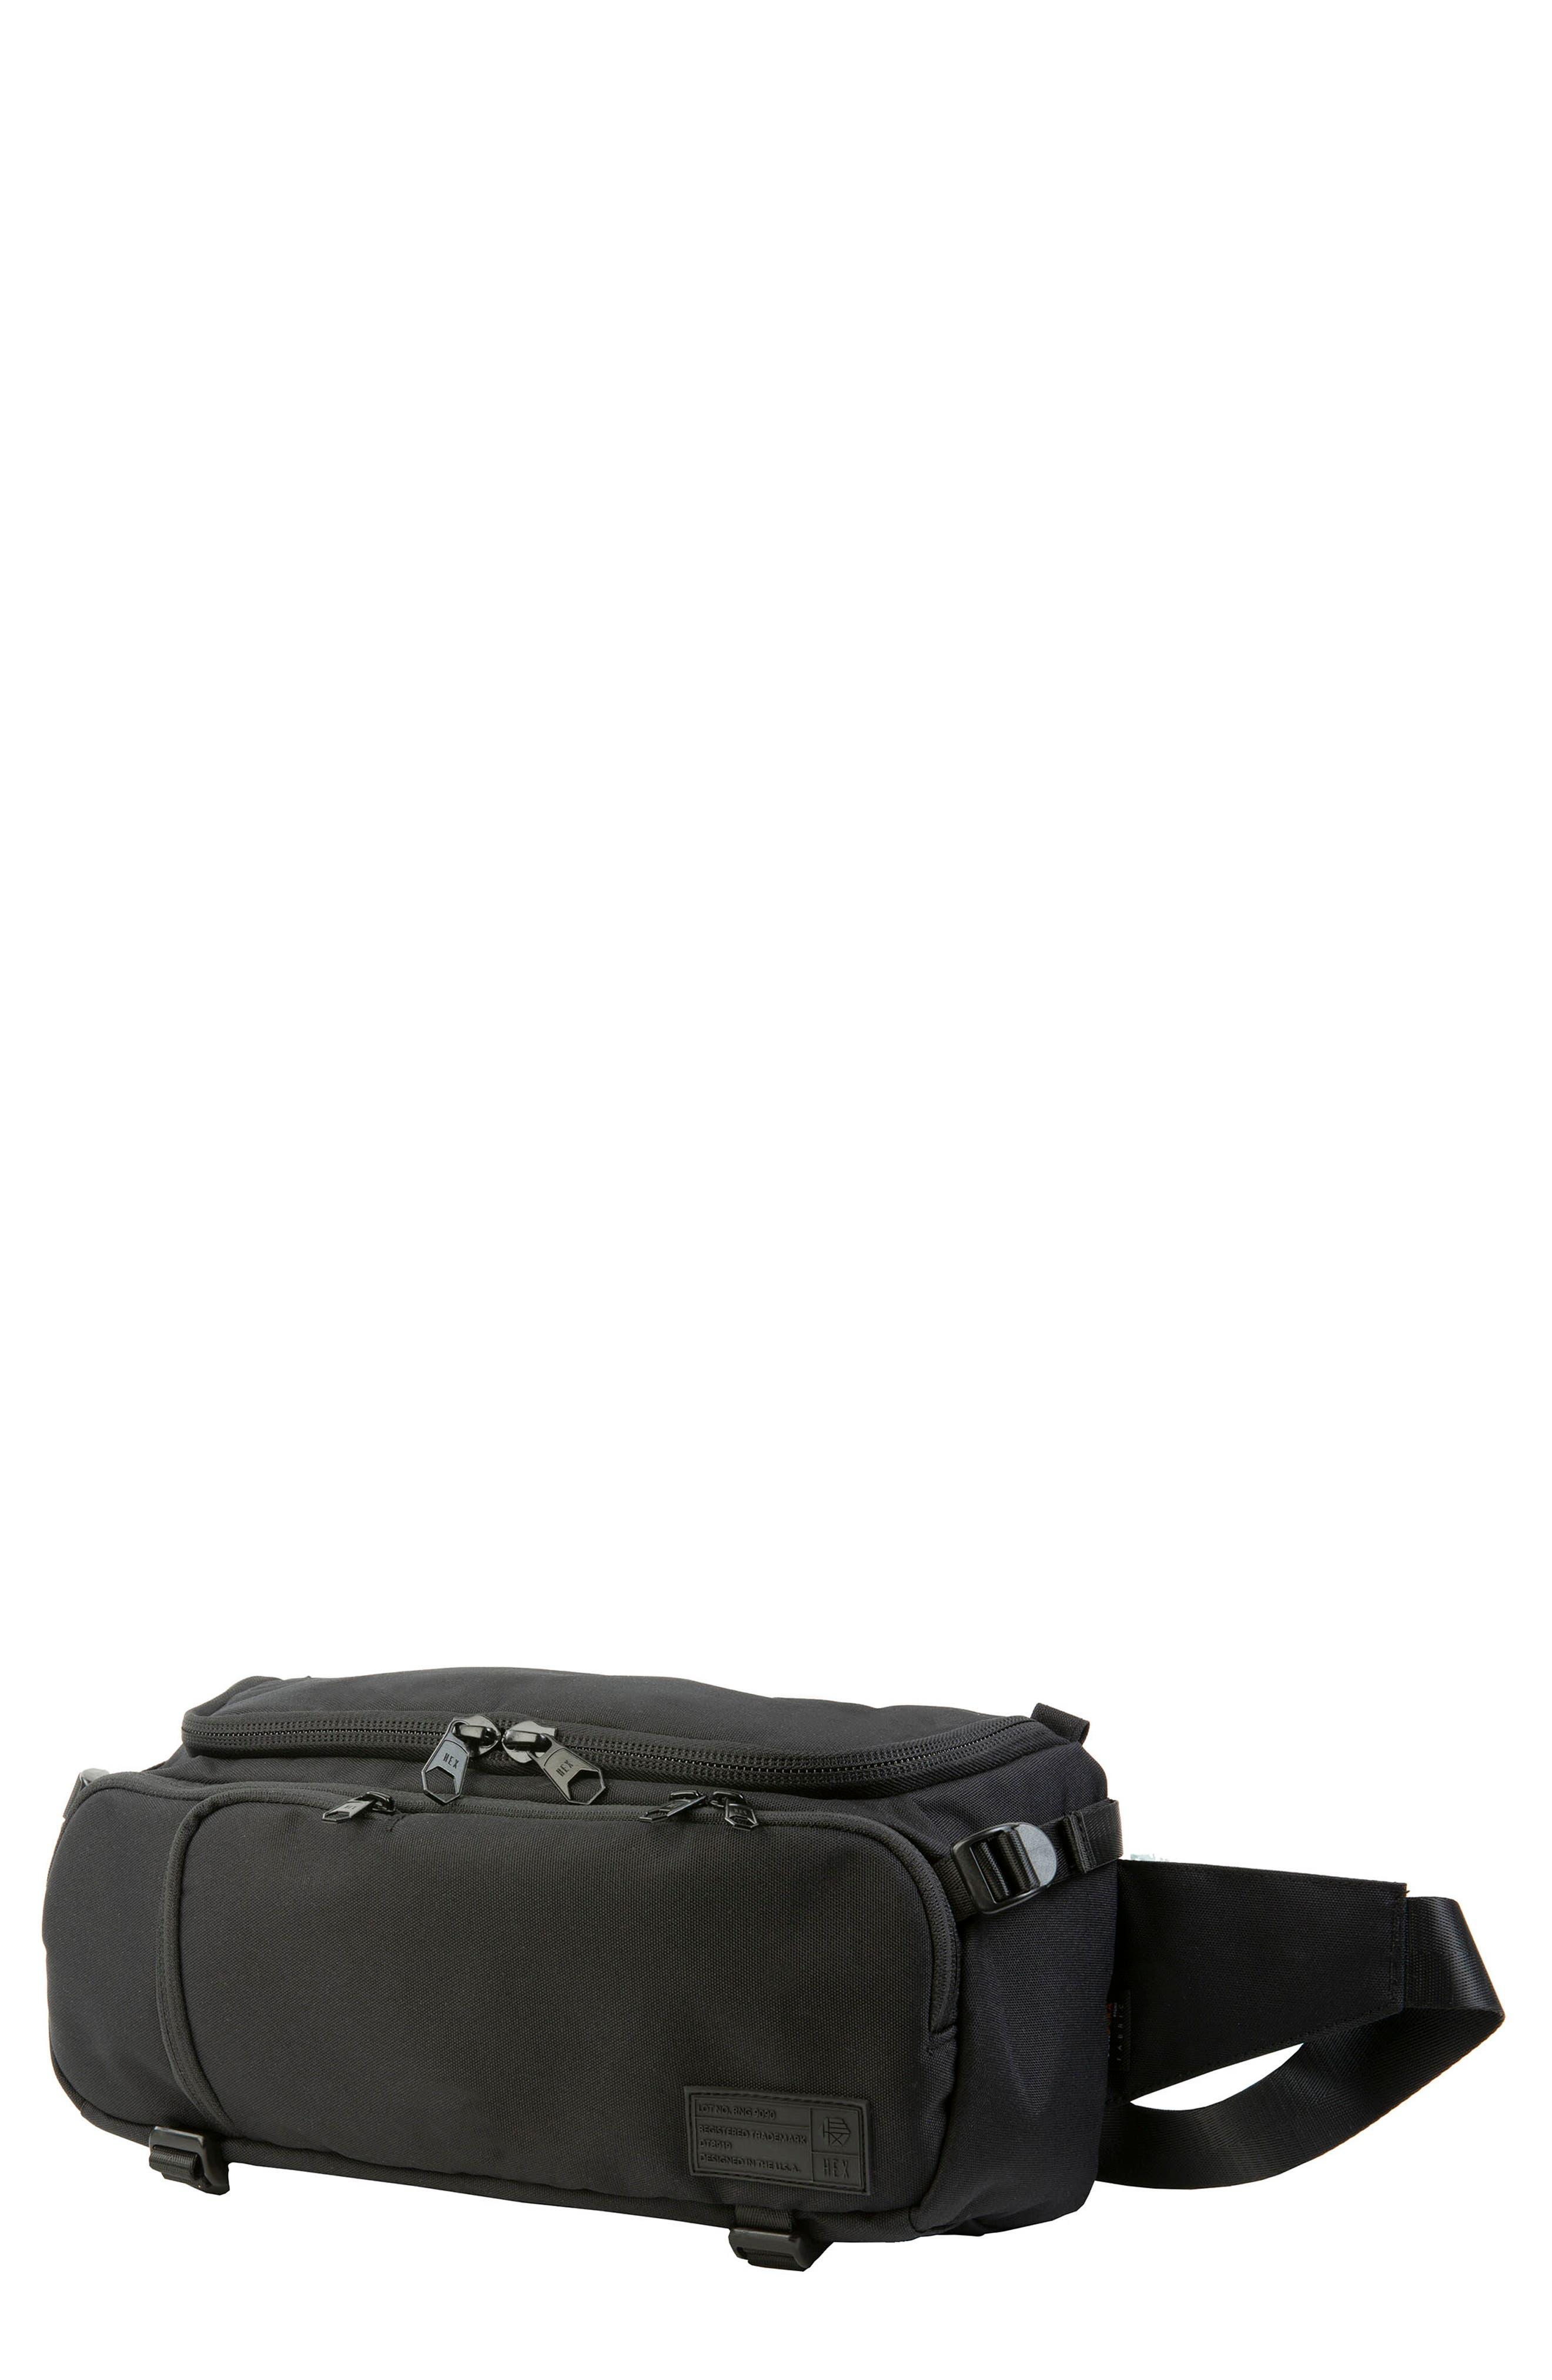 Dslr Ranger Belt Bag